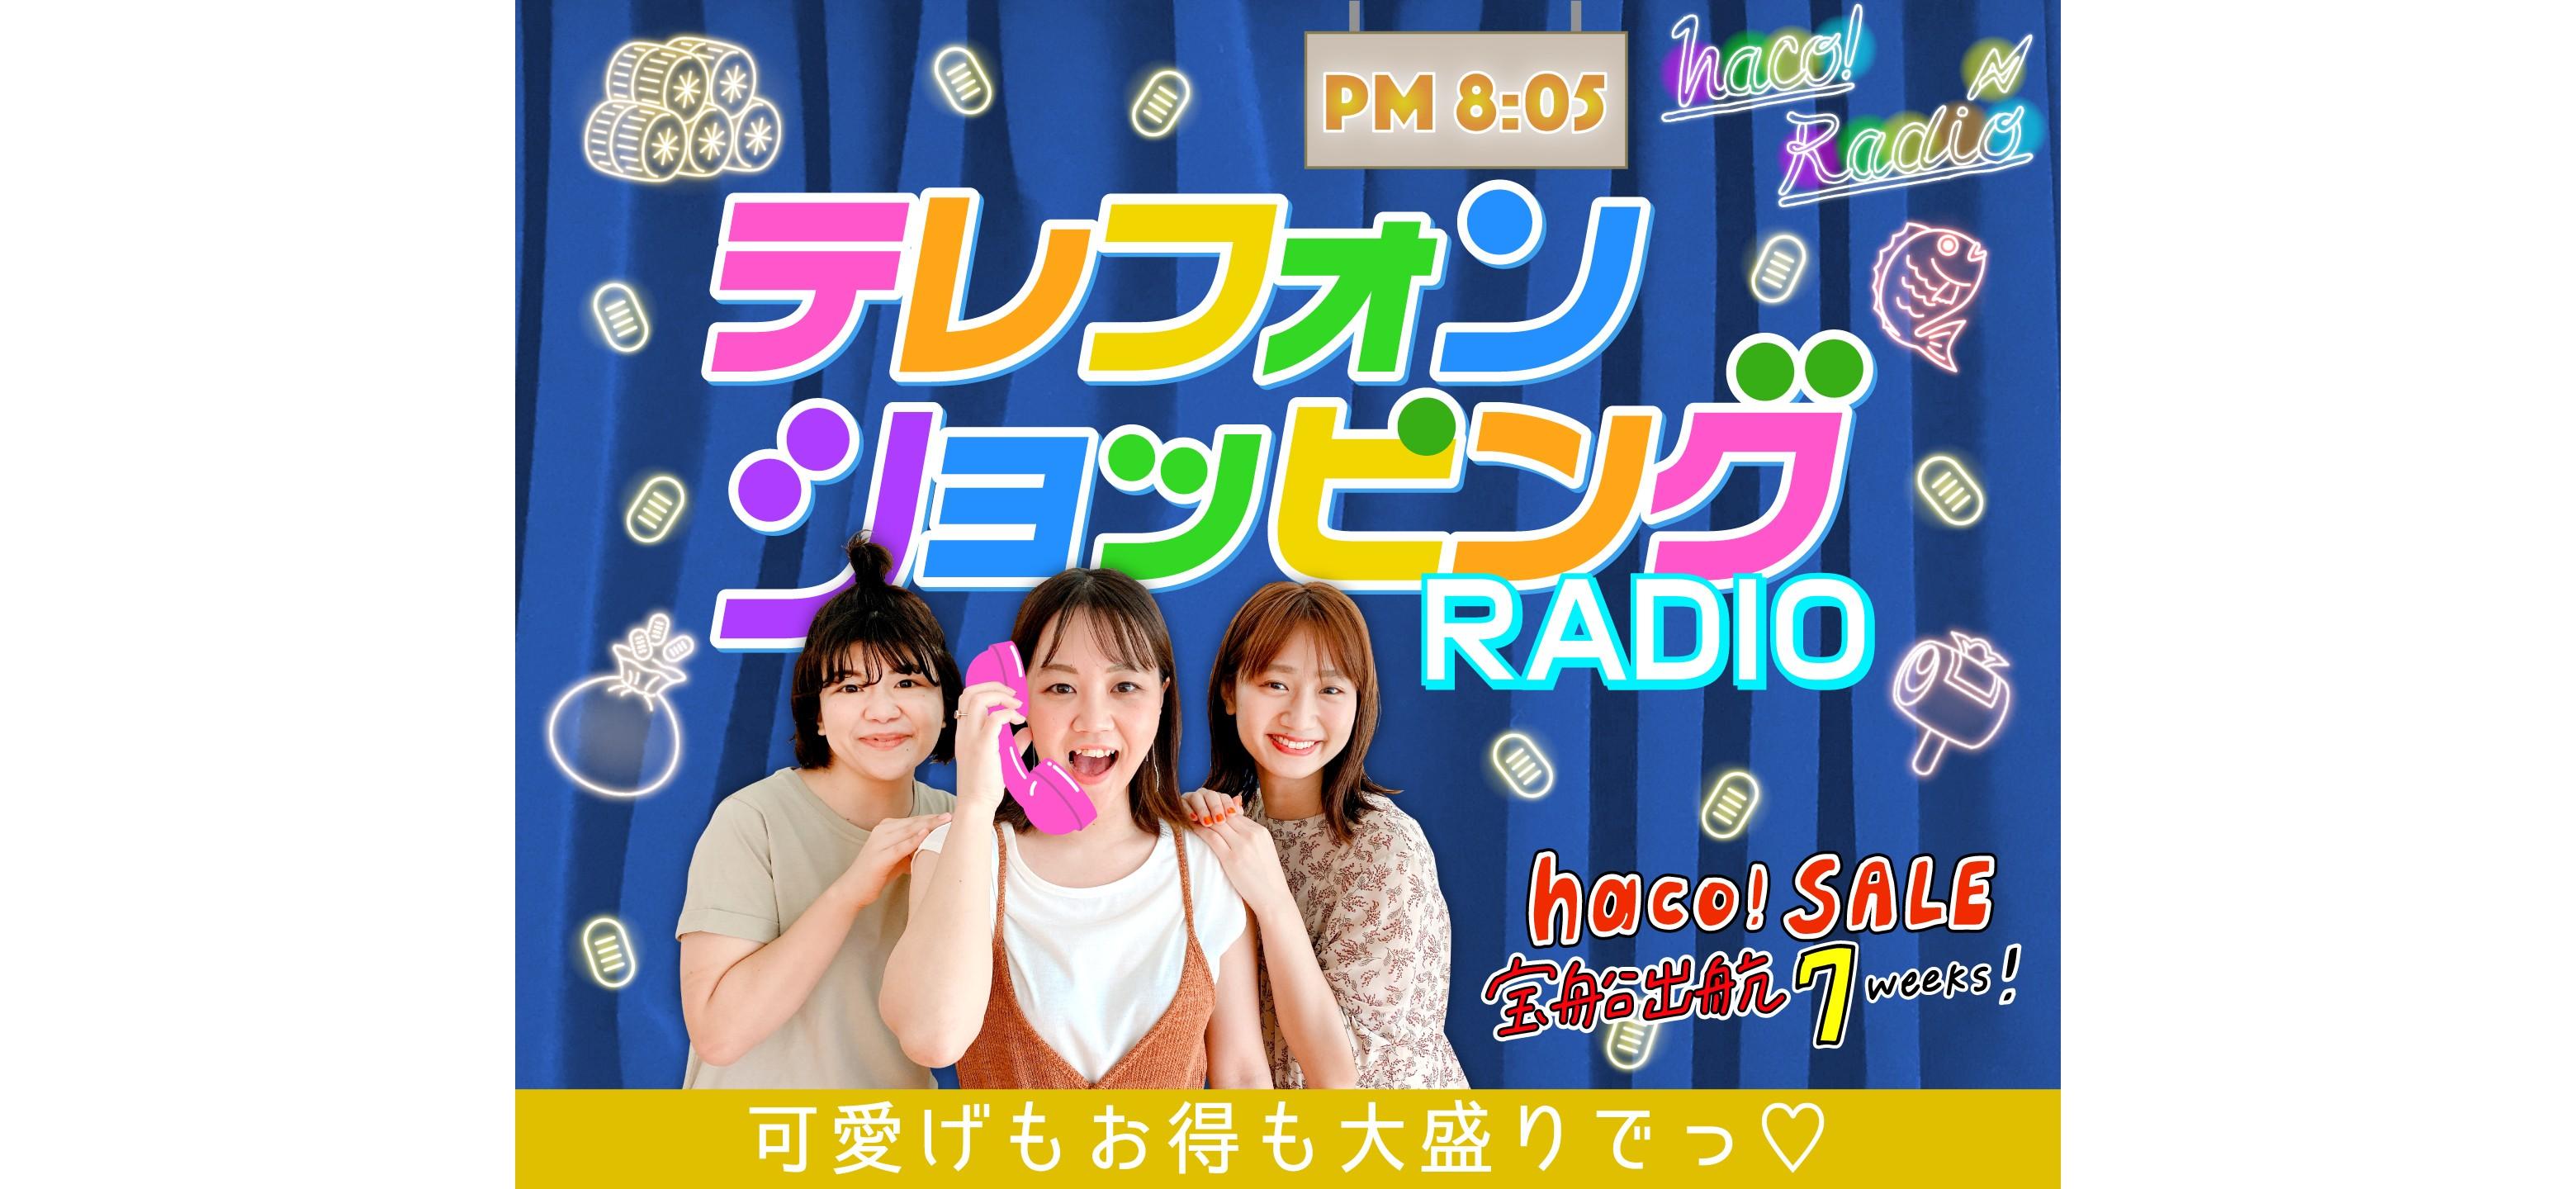 七福陣のテレフォンショッピング RADIO